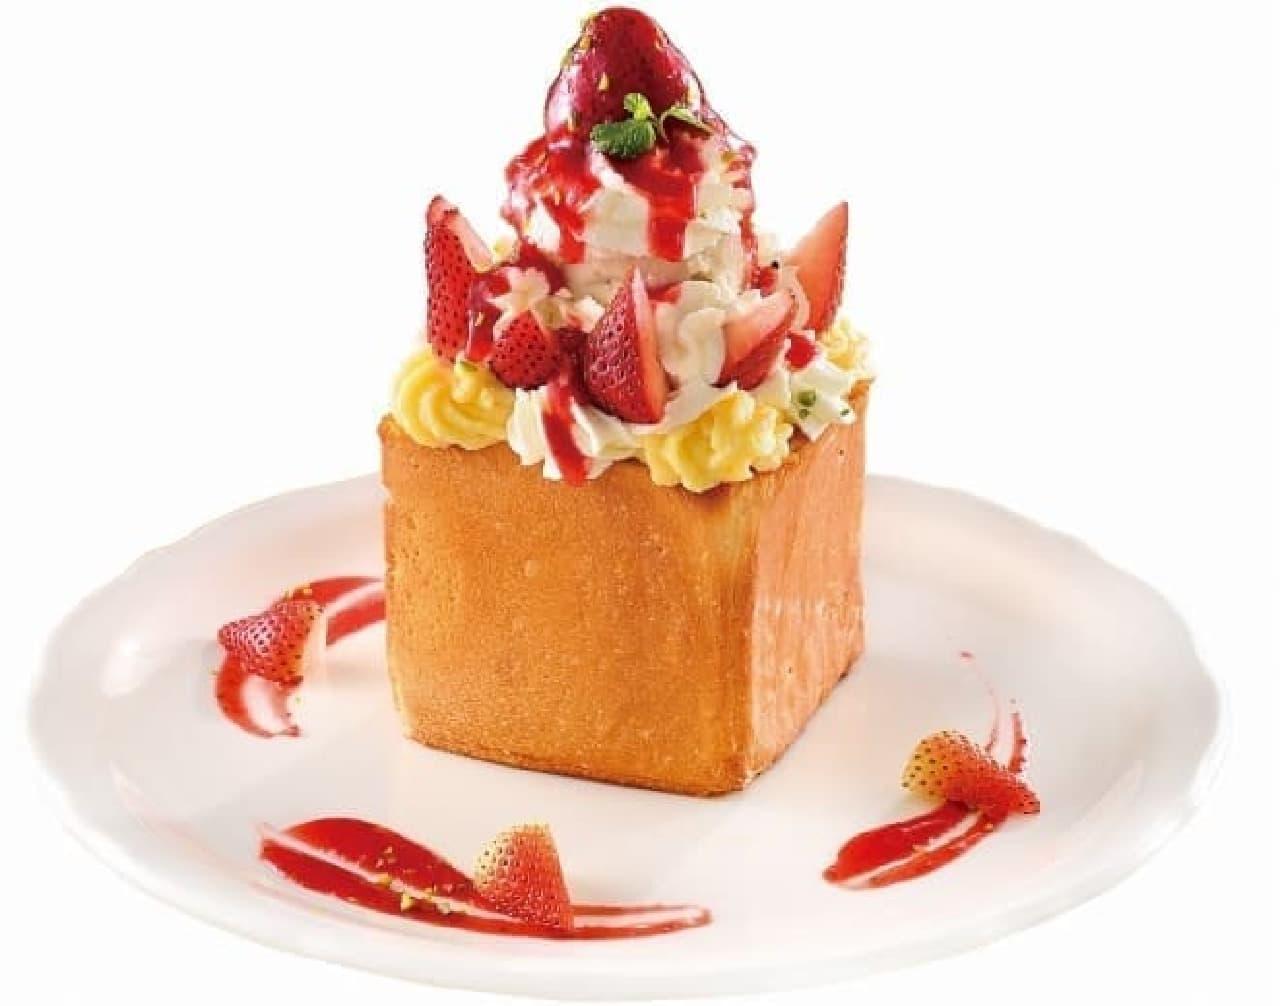 オリジナルパンケーキハウス ハニーフレンチトースト「ストロベリーラブ」